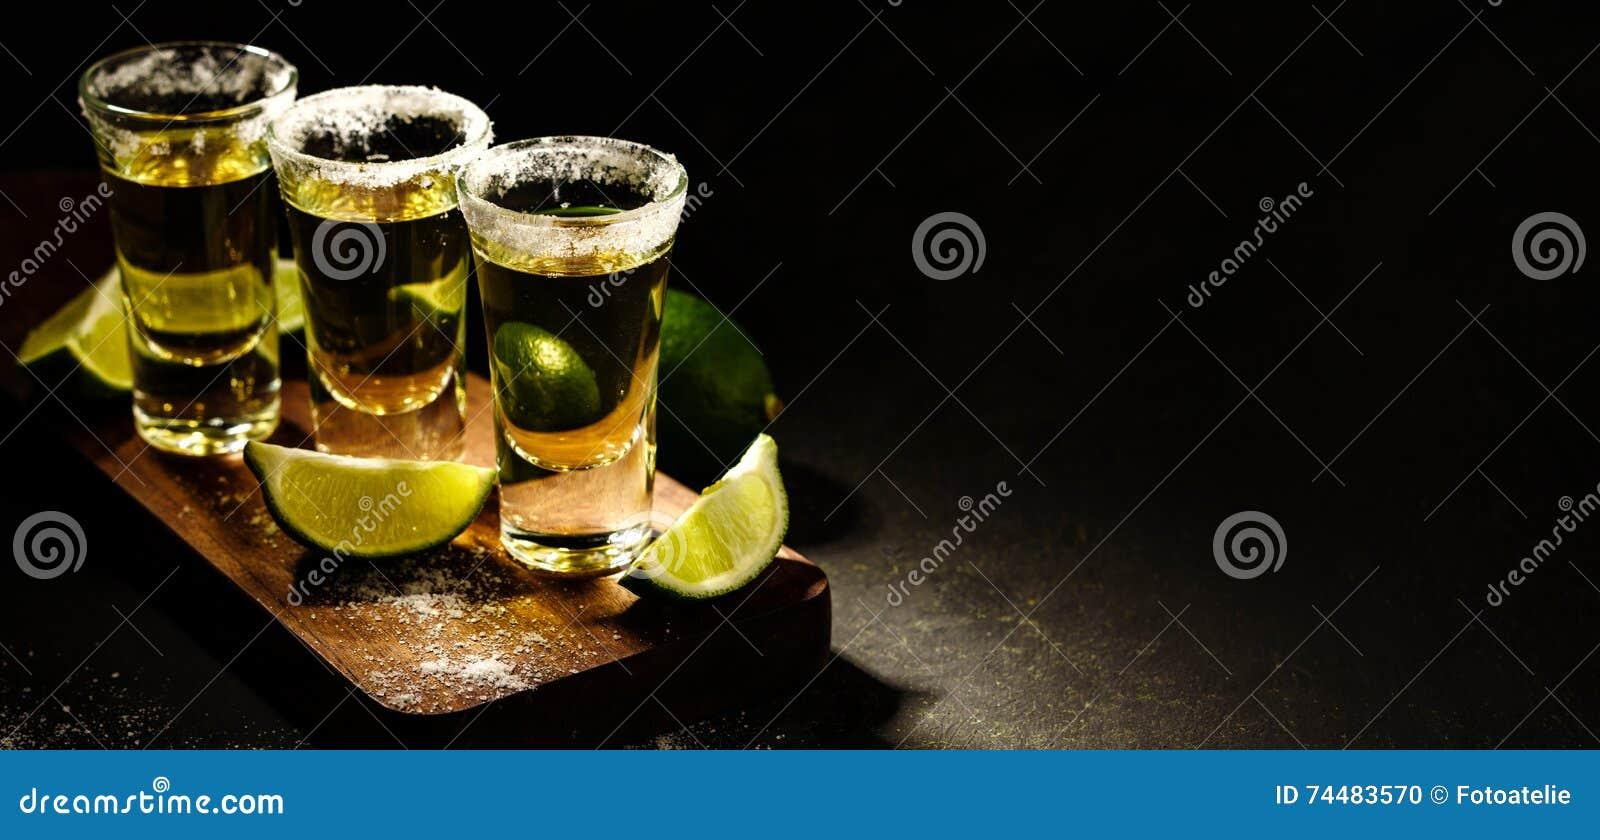 Tequila messicana dell oro con calce e sale sulla tavola di legno